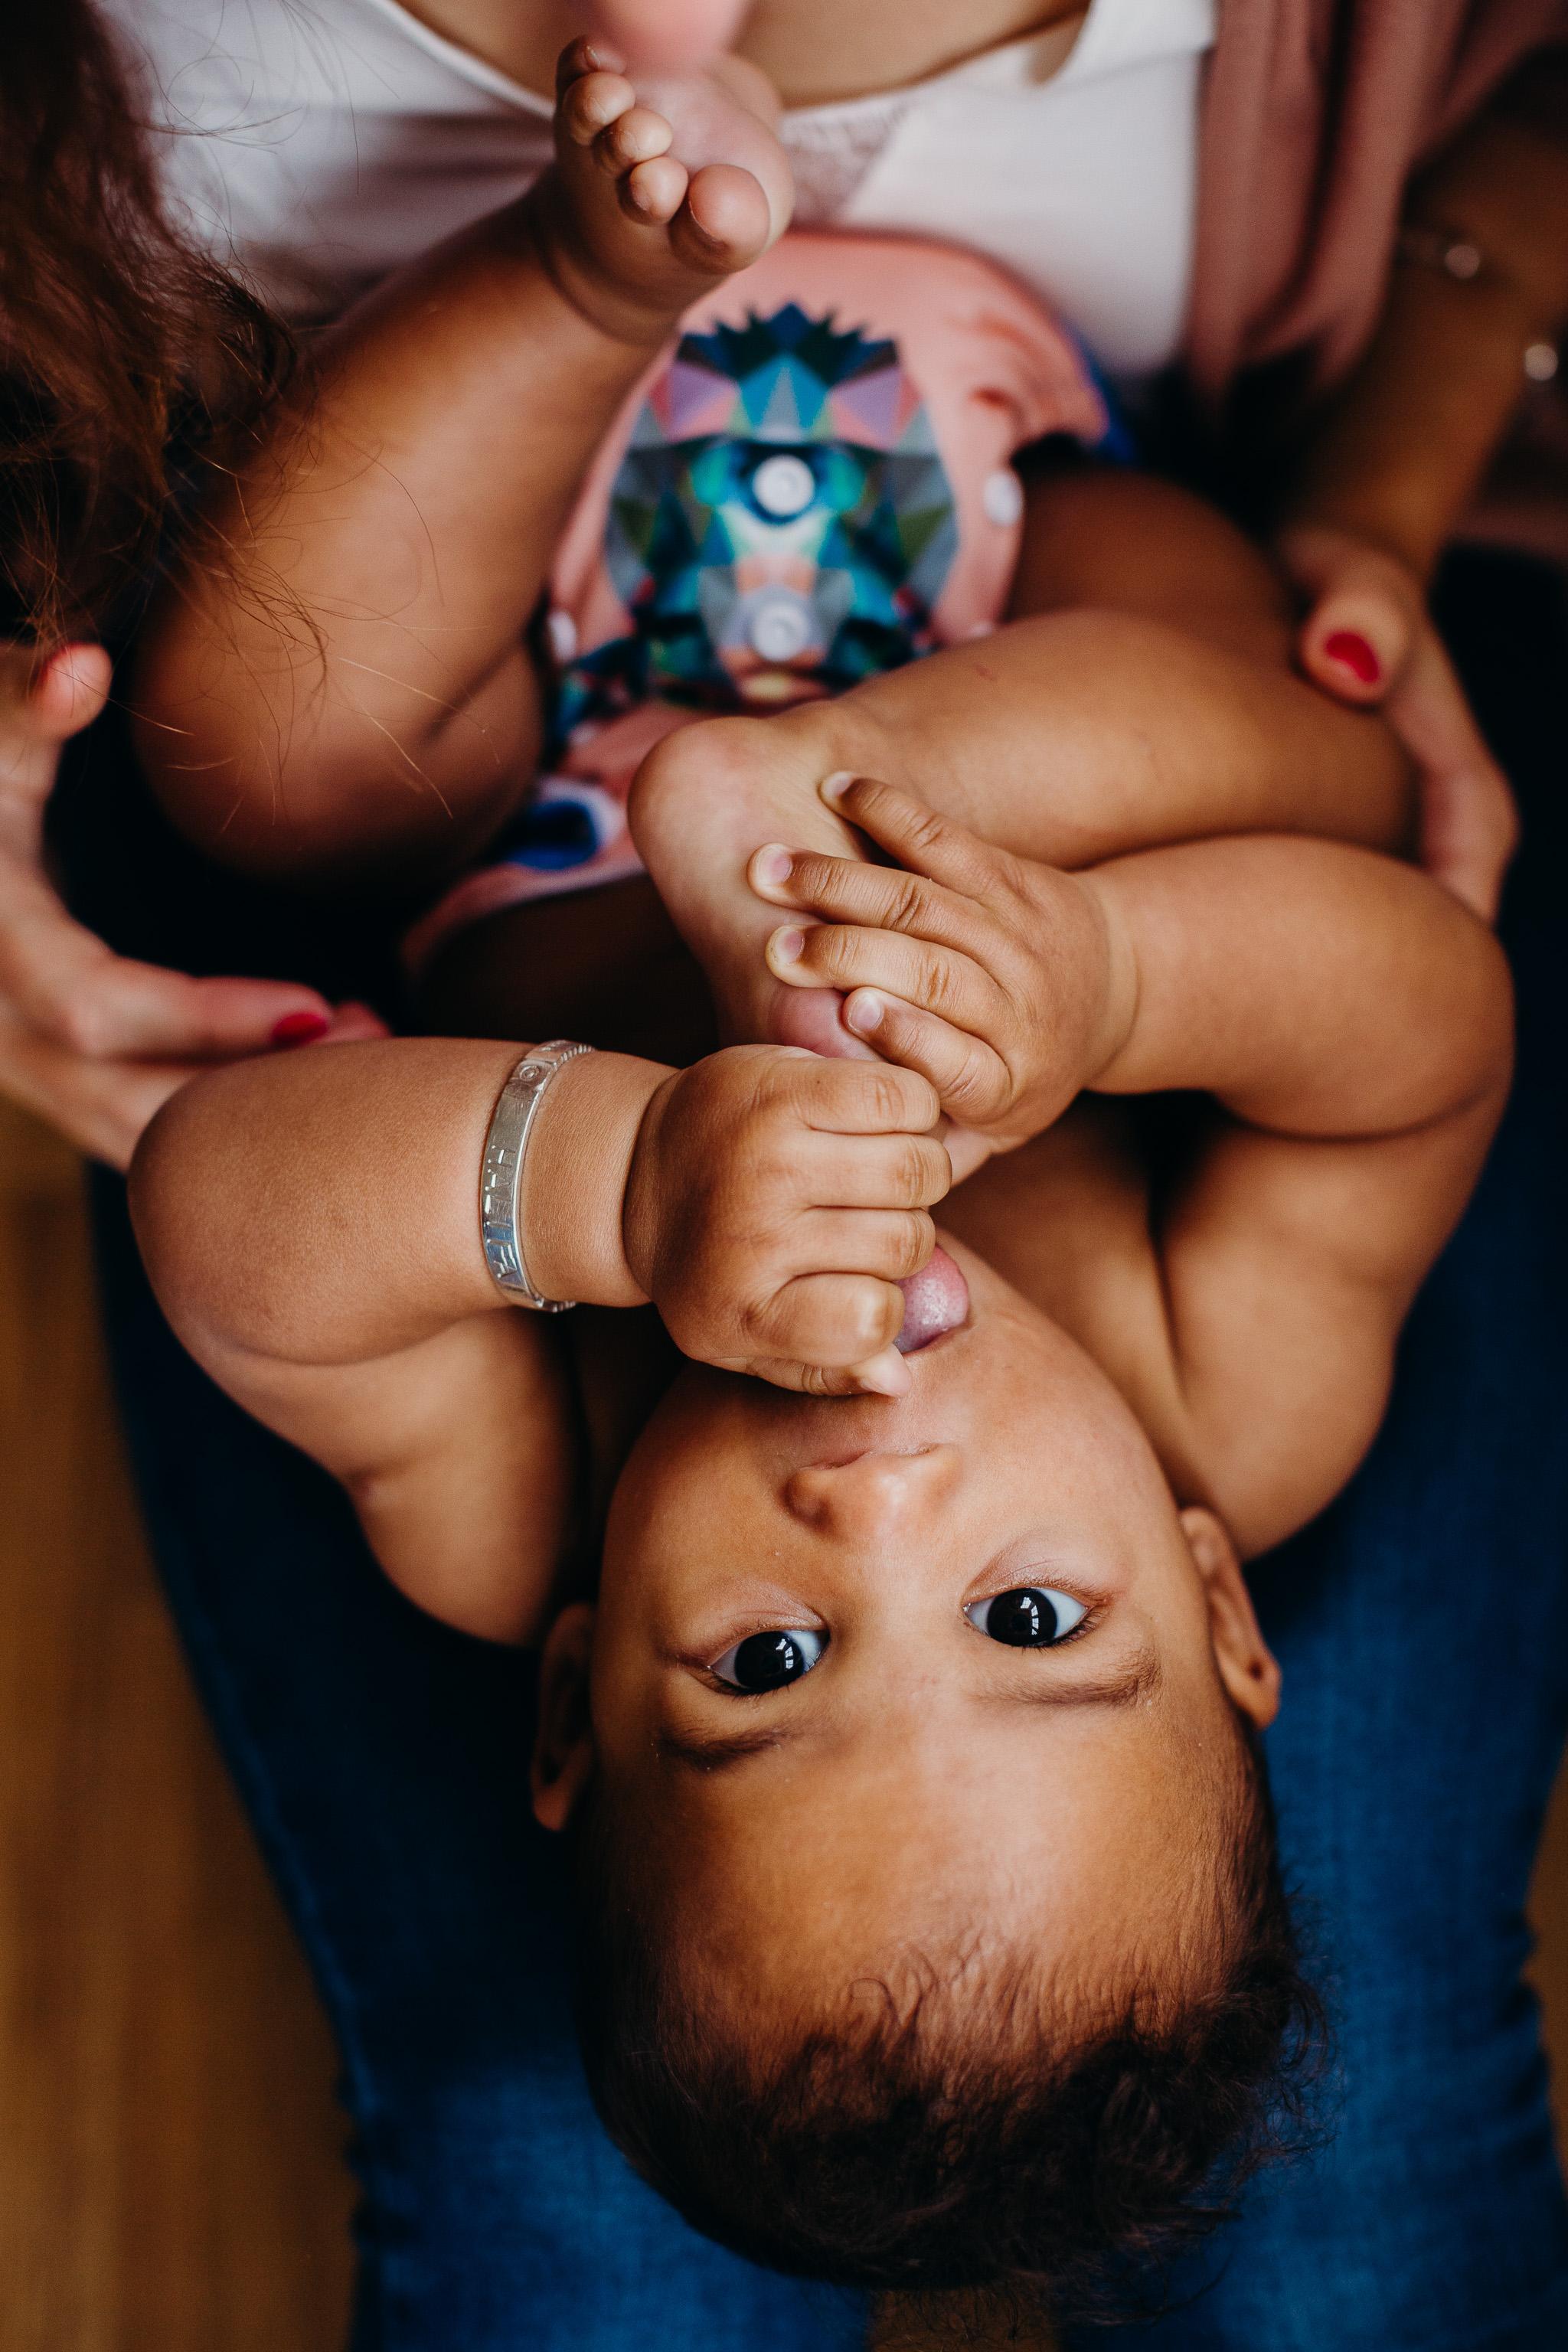 motherhood-baby-inhome-photoshoot-21.jpg